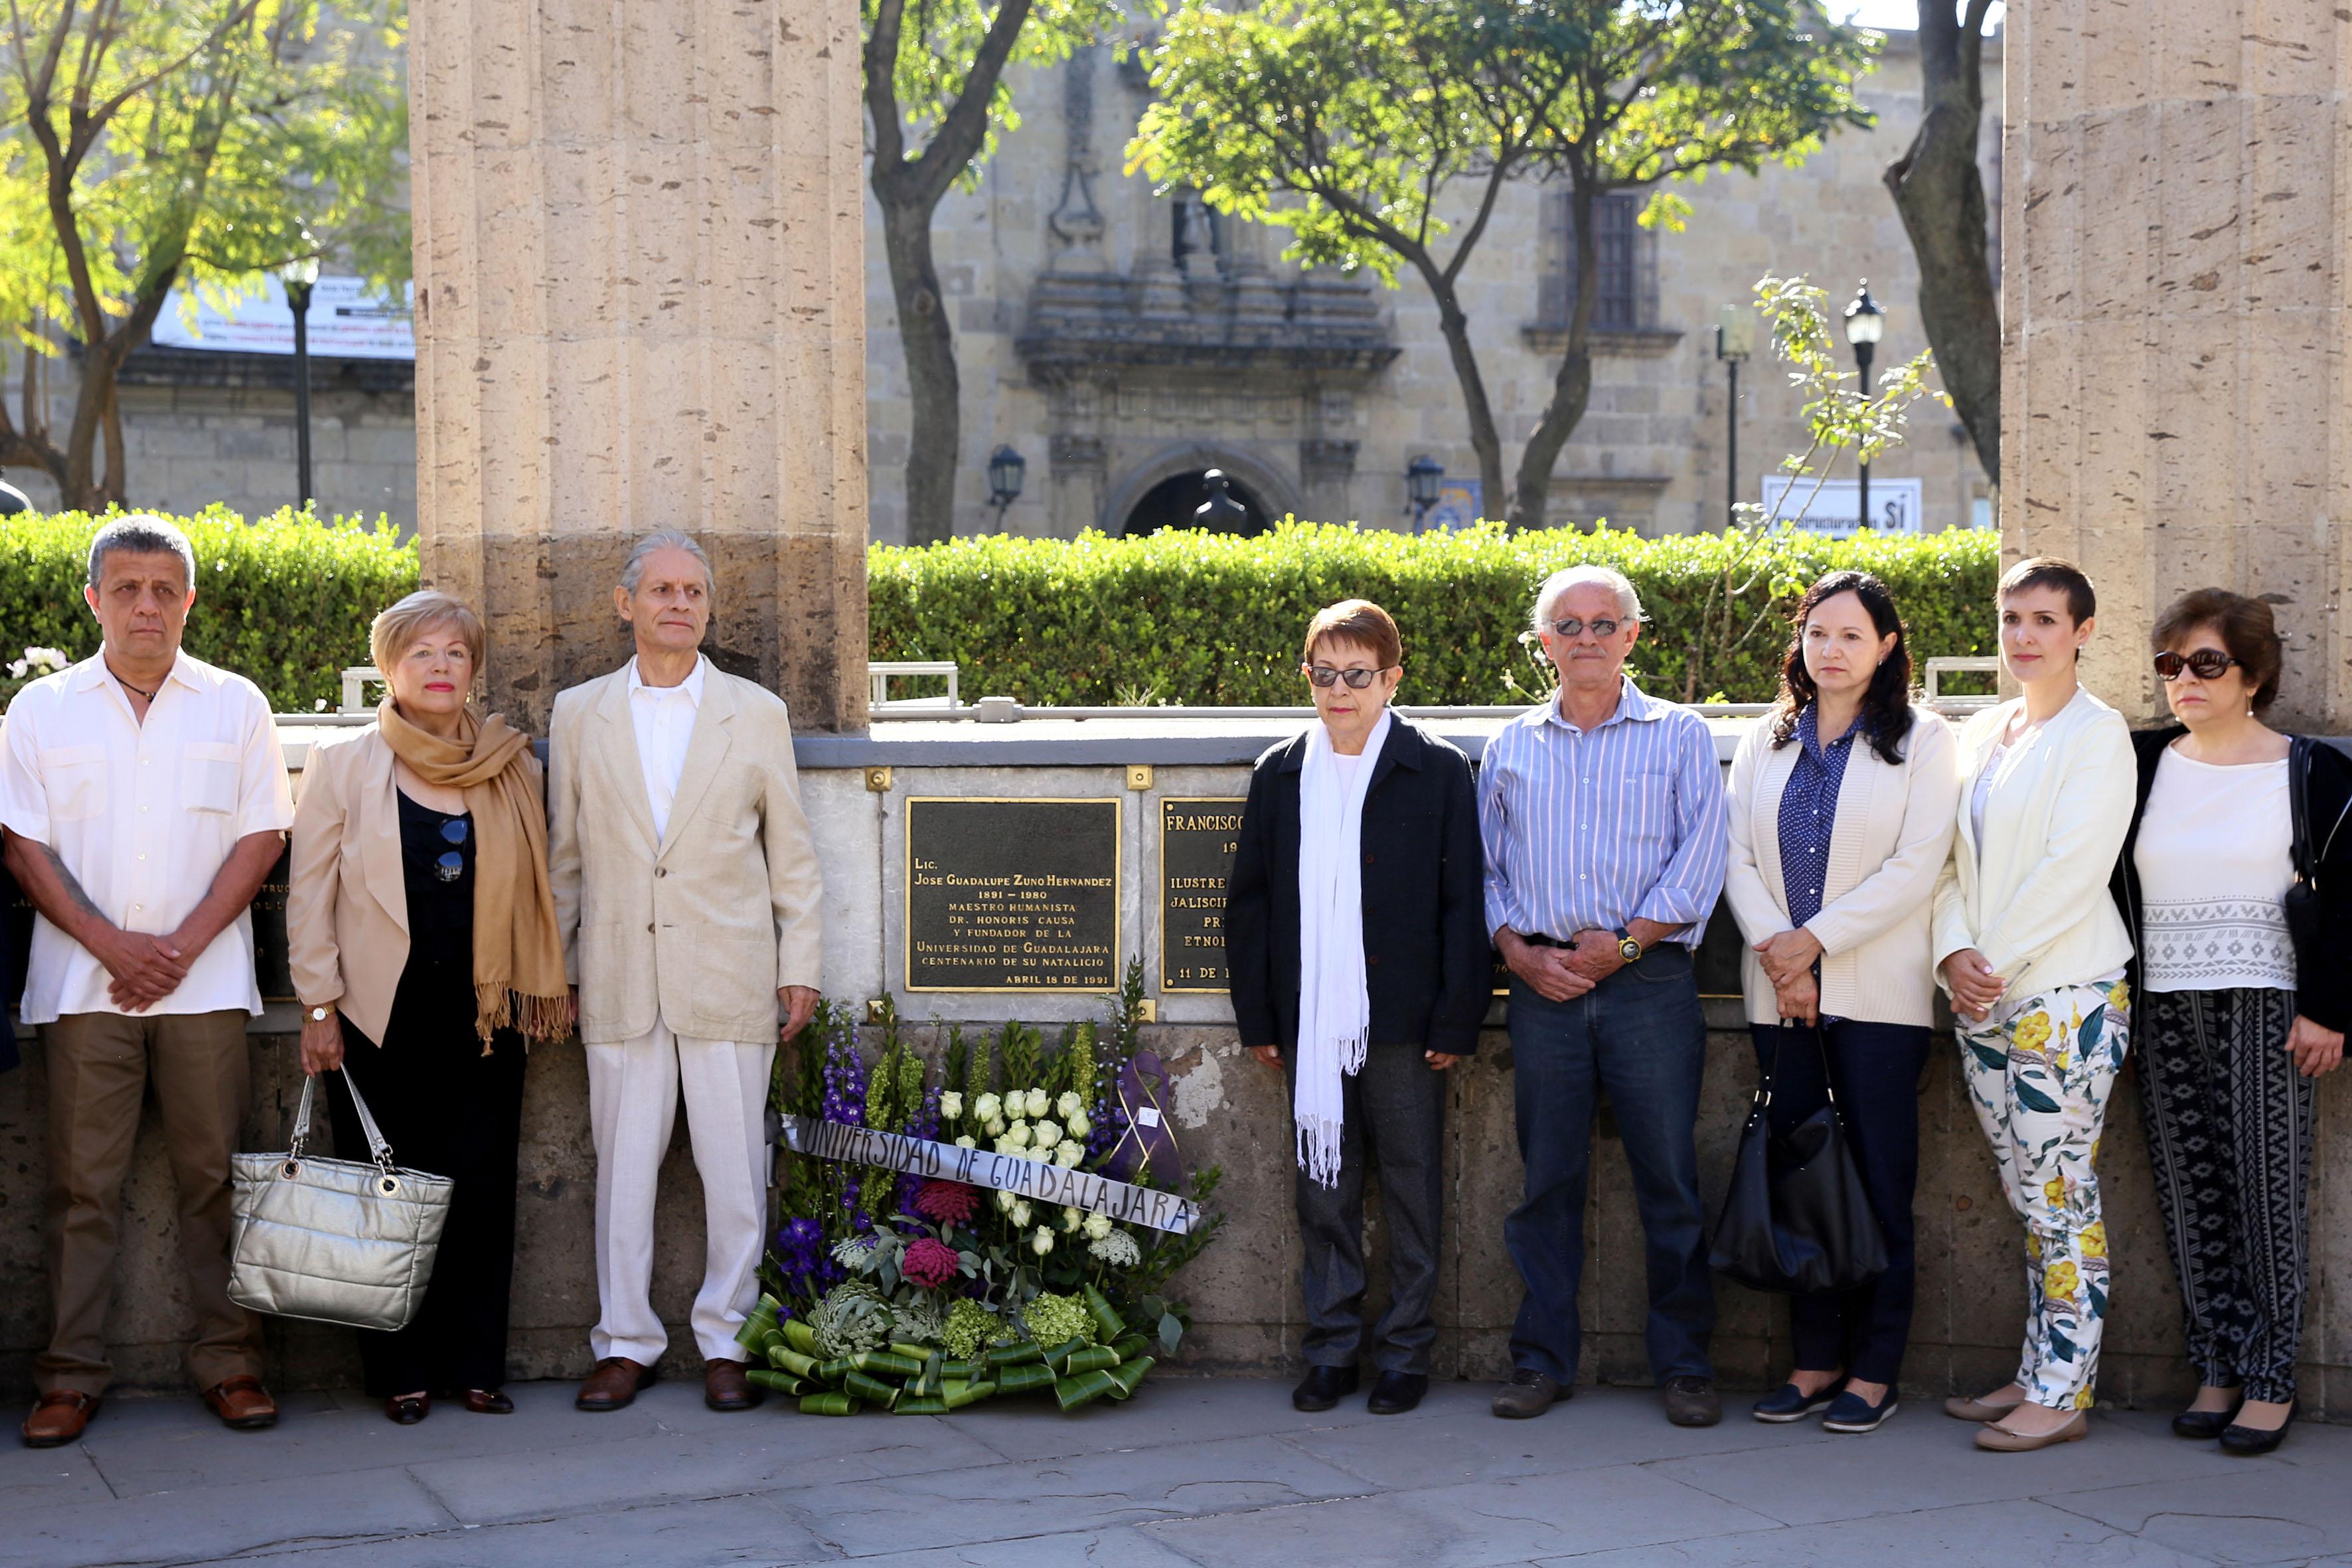 Familiares y amigos reuinidos en la Rotonda de los hombres ilustres, en conmemoración al aniversario luctuoso de José Guadalupe Zuno.